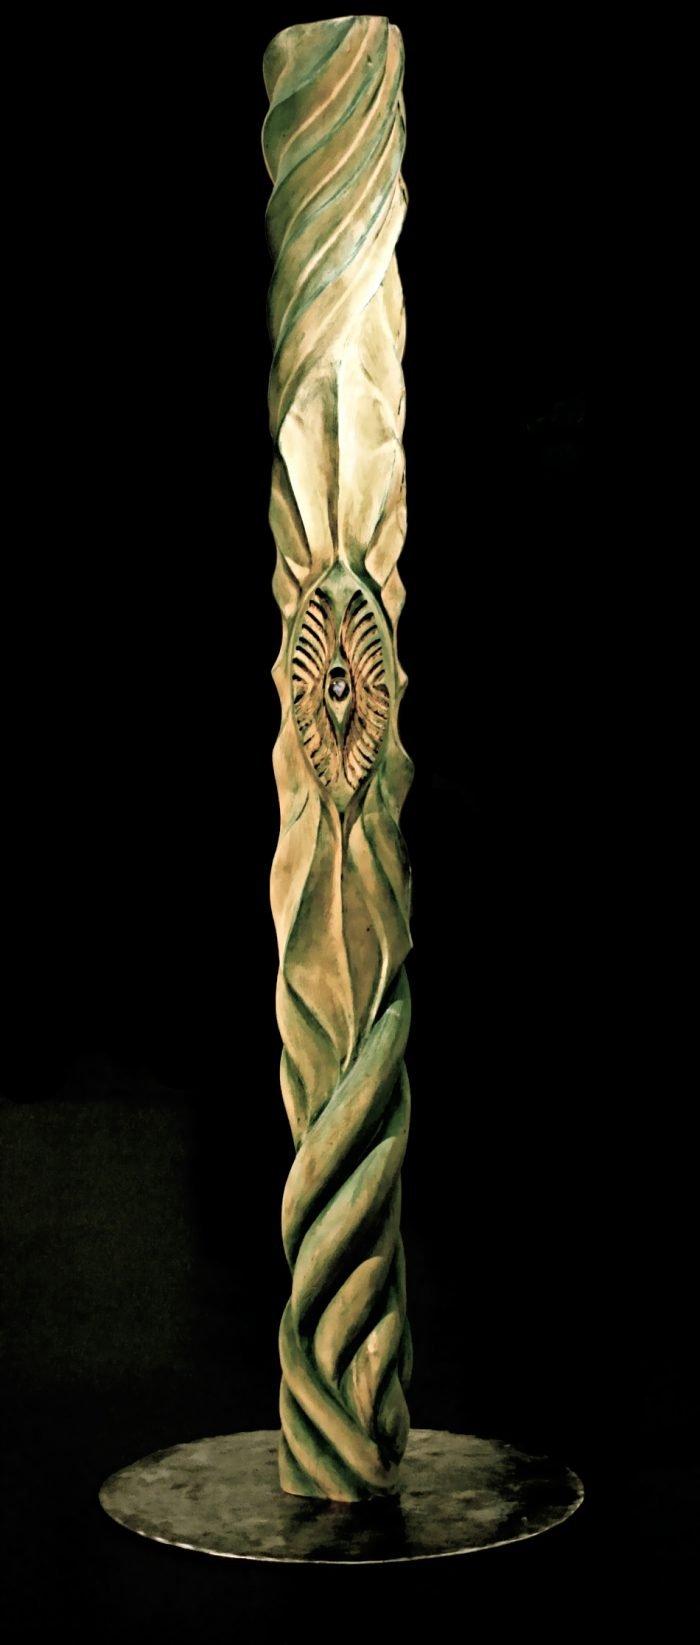 kunst konstanz artwork holzskulptur